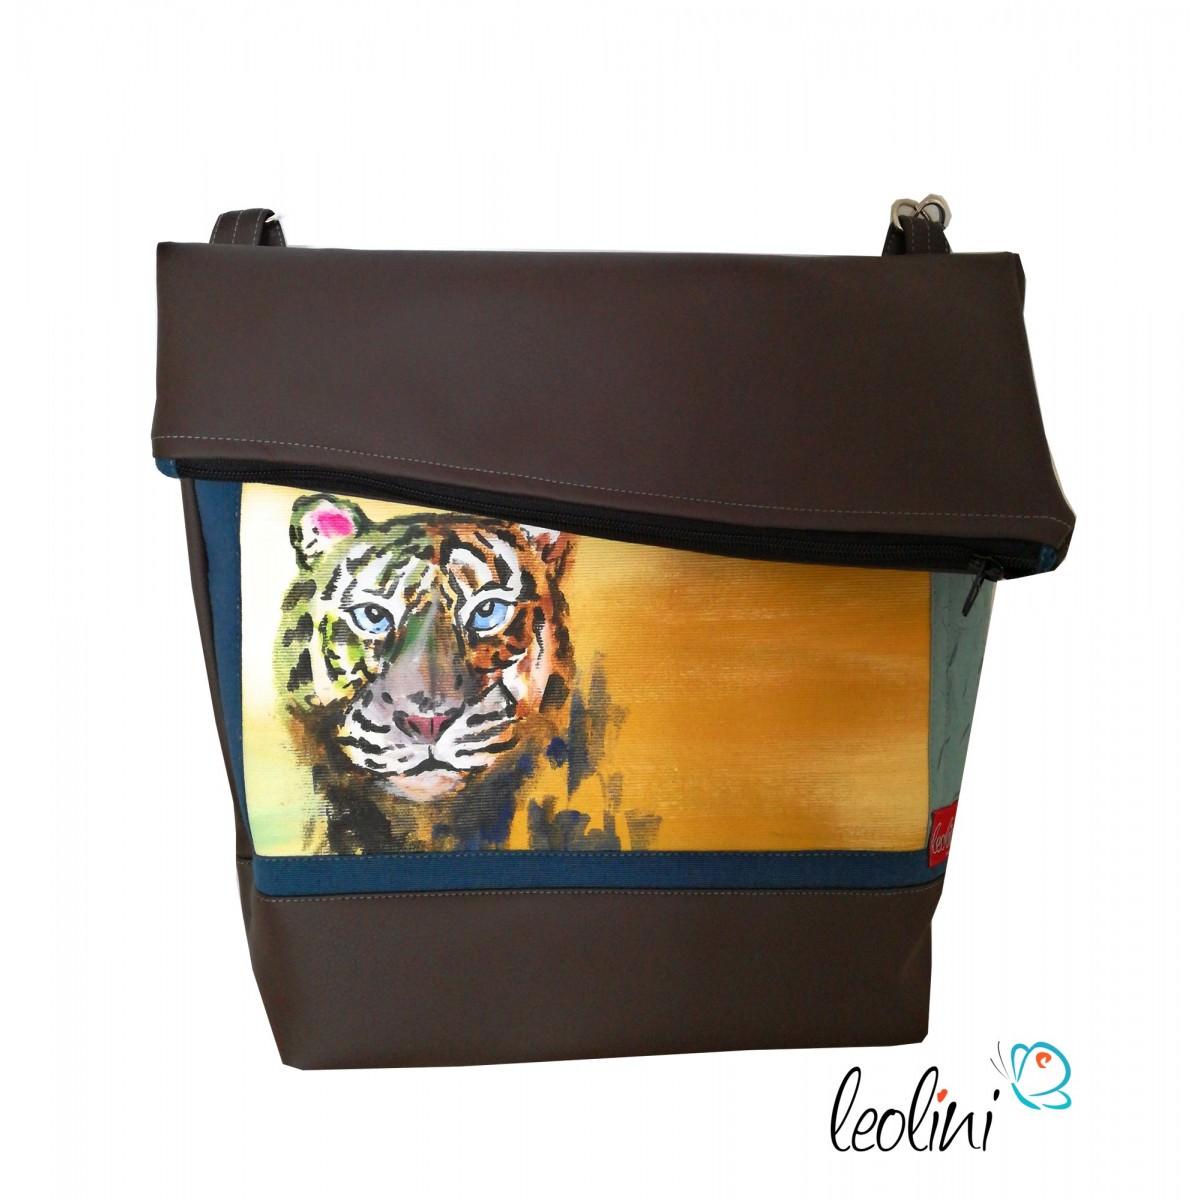 Foldover Tasche mit echter Malerei Tiger - ein Einzelstück